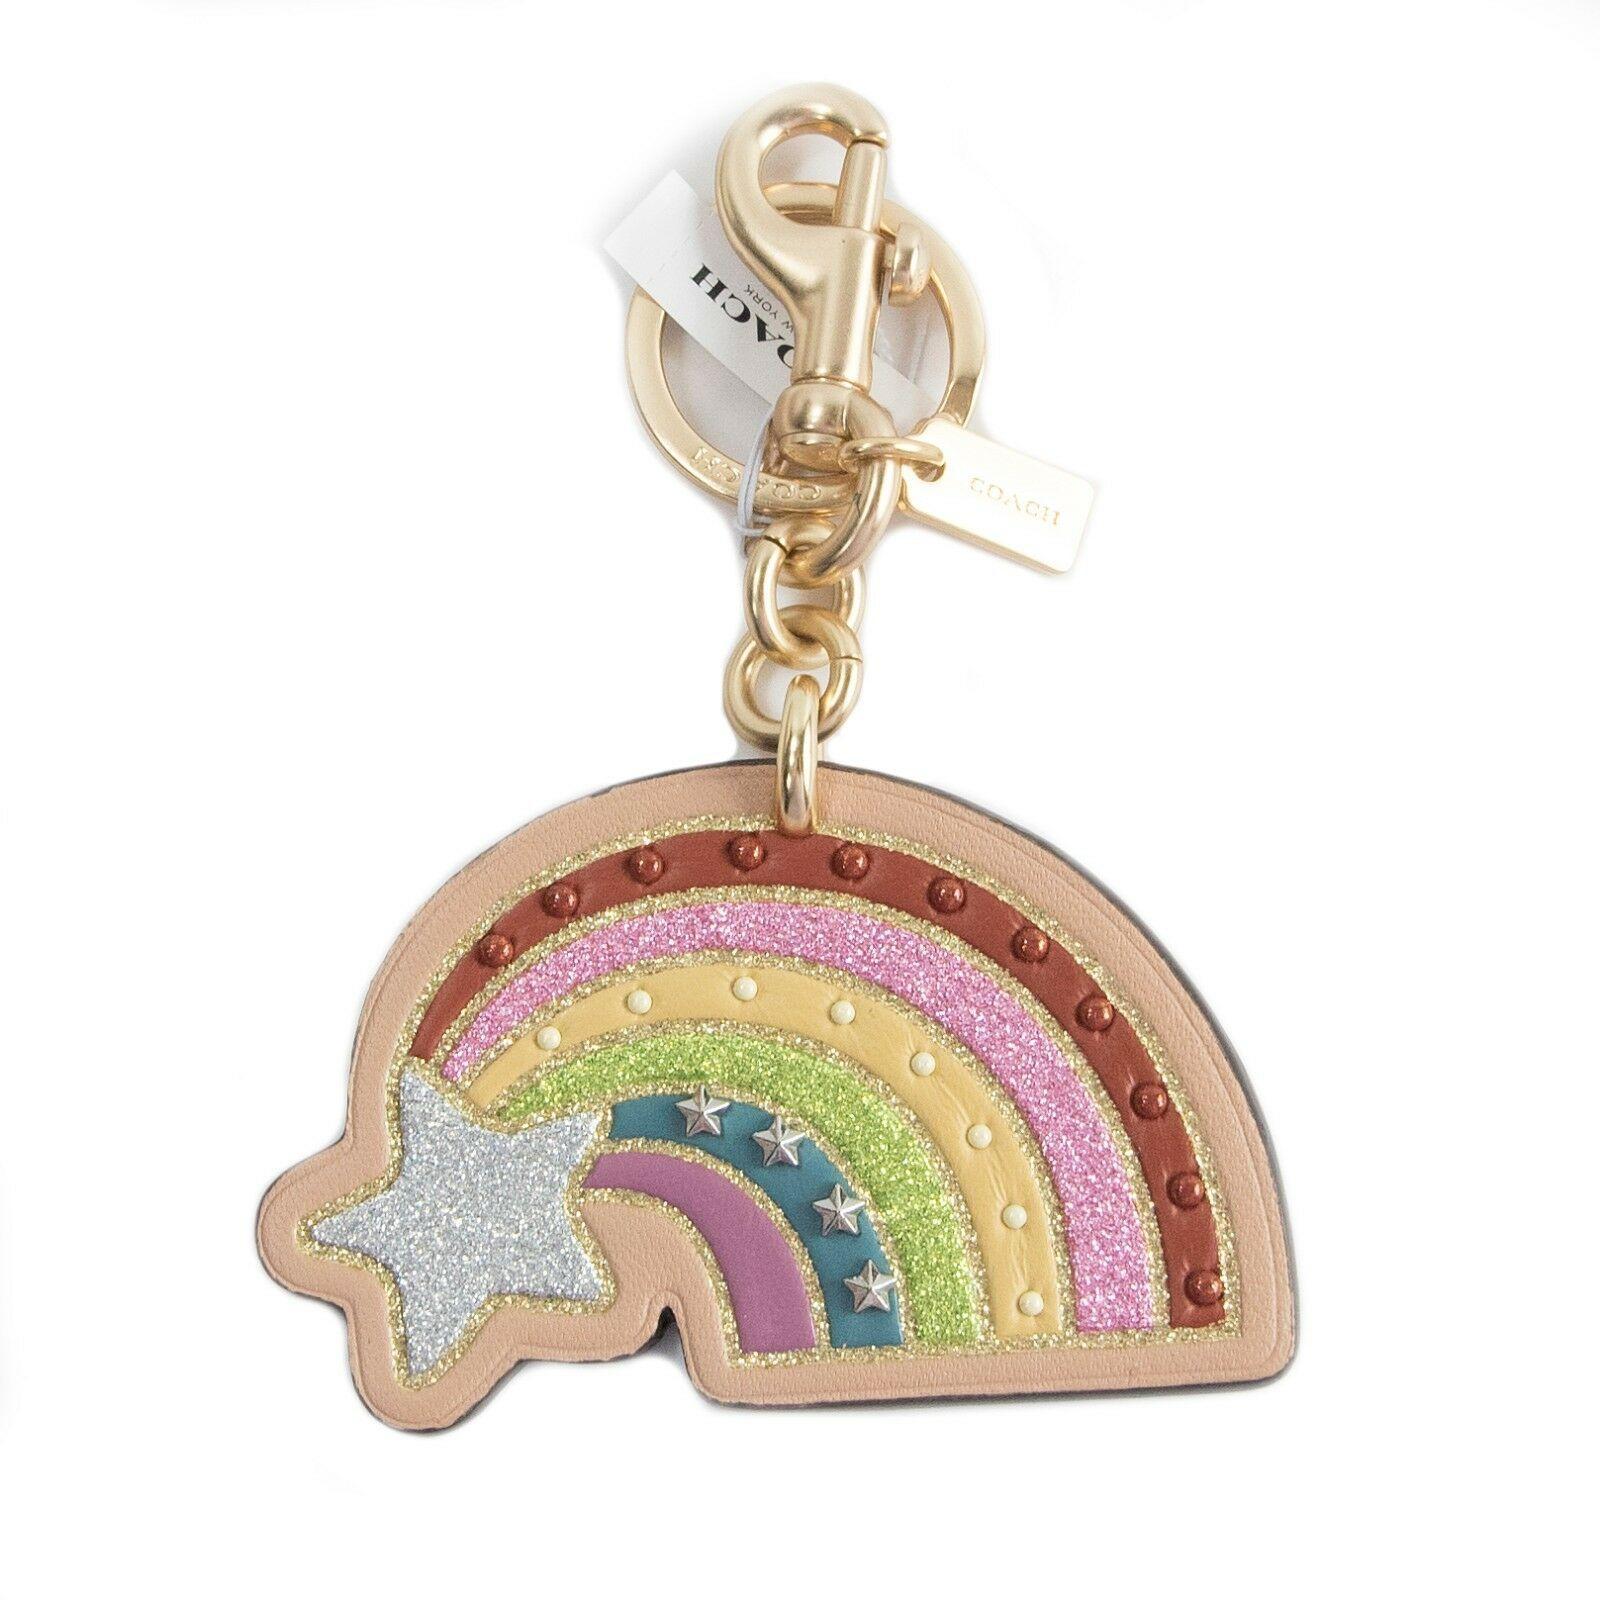 Coach NASA Shooting Star Rainbow Studded Leather Bag Charm Key Chain 27651 NWT